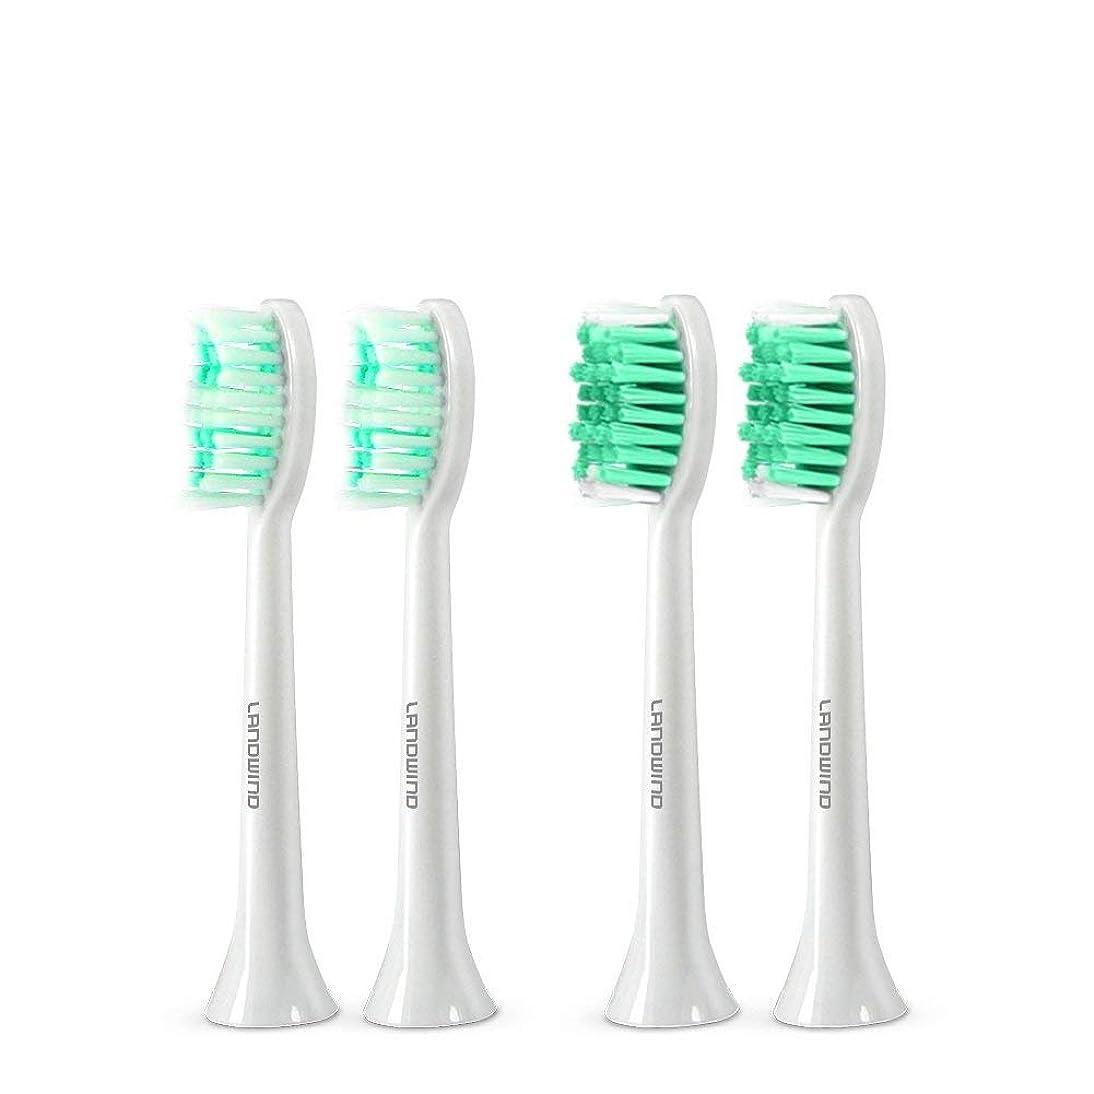 節約配置圧倒的歯ブラシ 替えブラシ4本入り 口内ケアキット 防水&水洗可 ホワイト